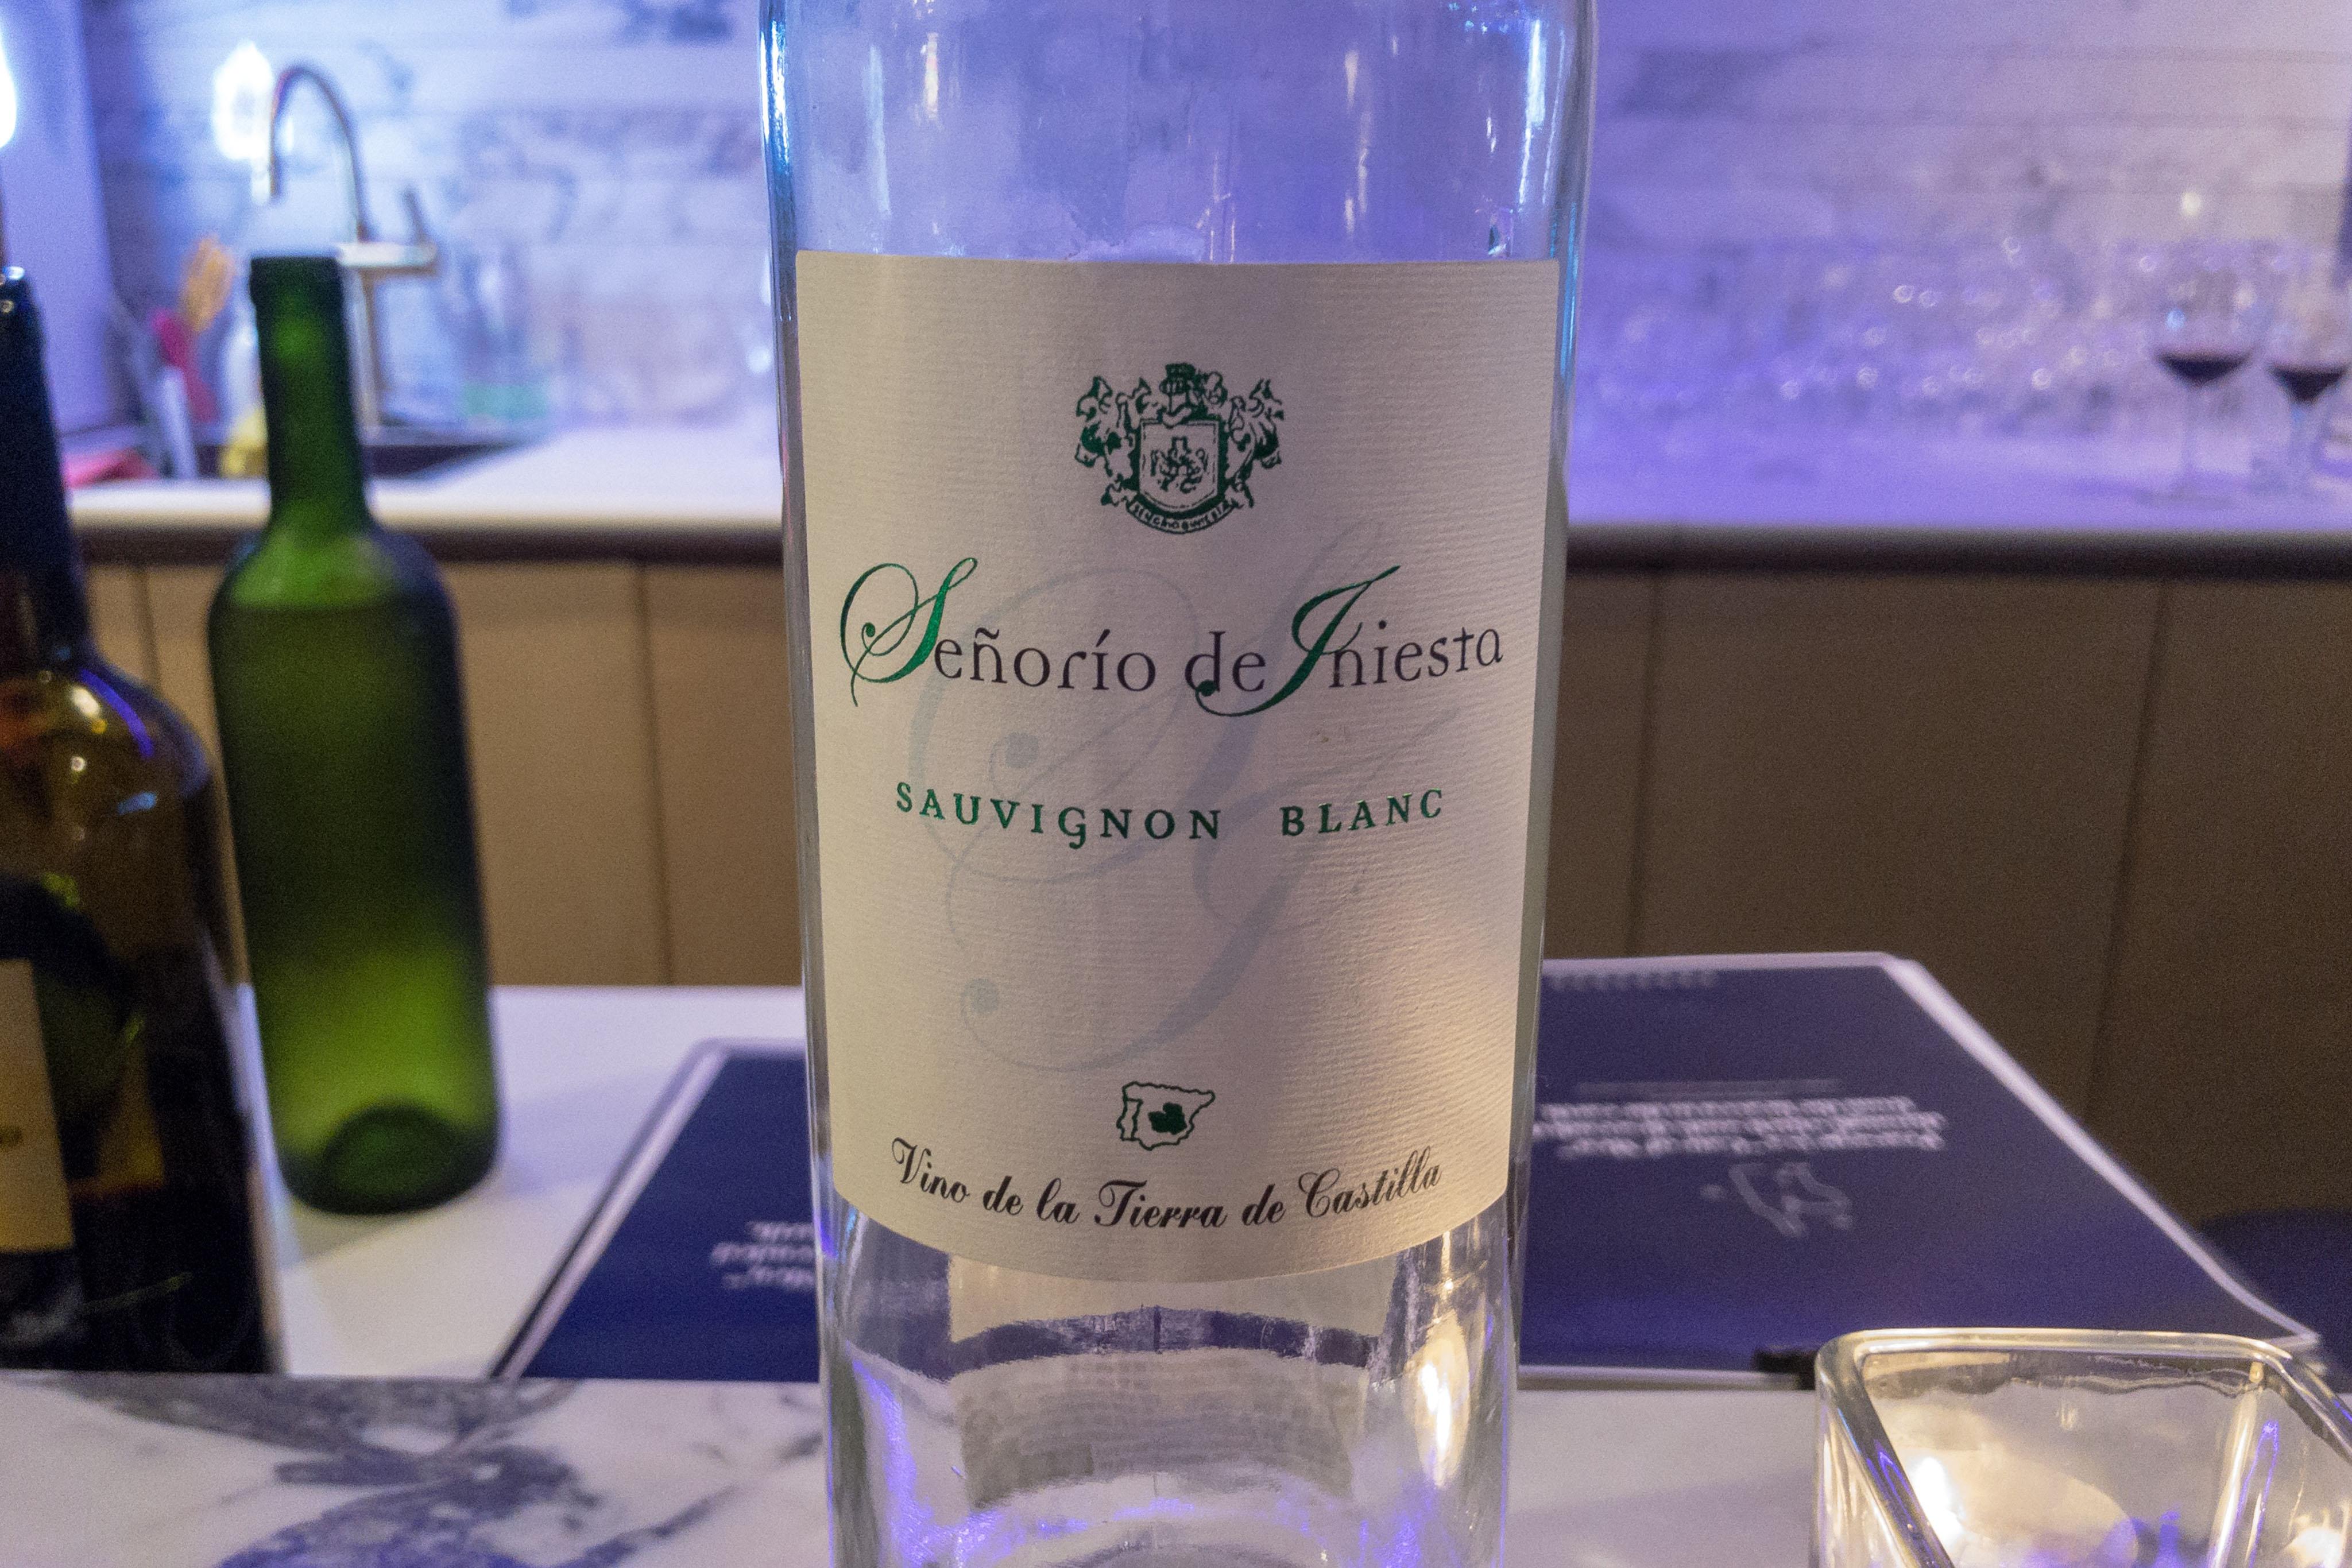 Senorio de Iniesta Sauvignon Blanc